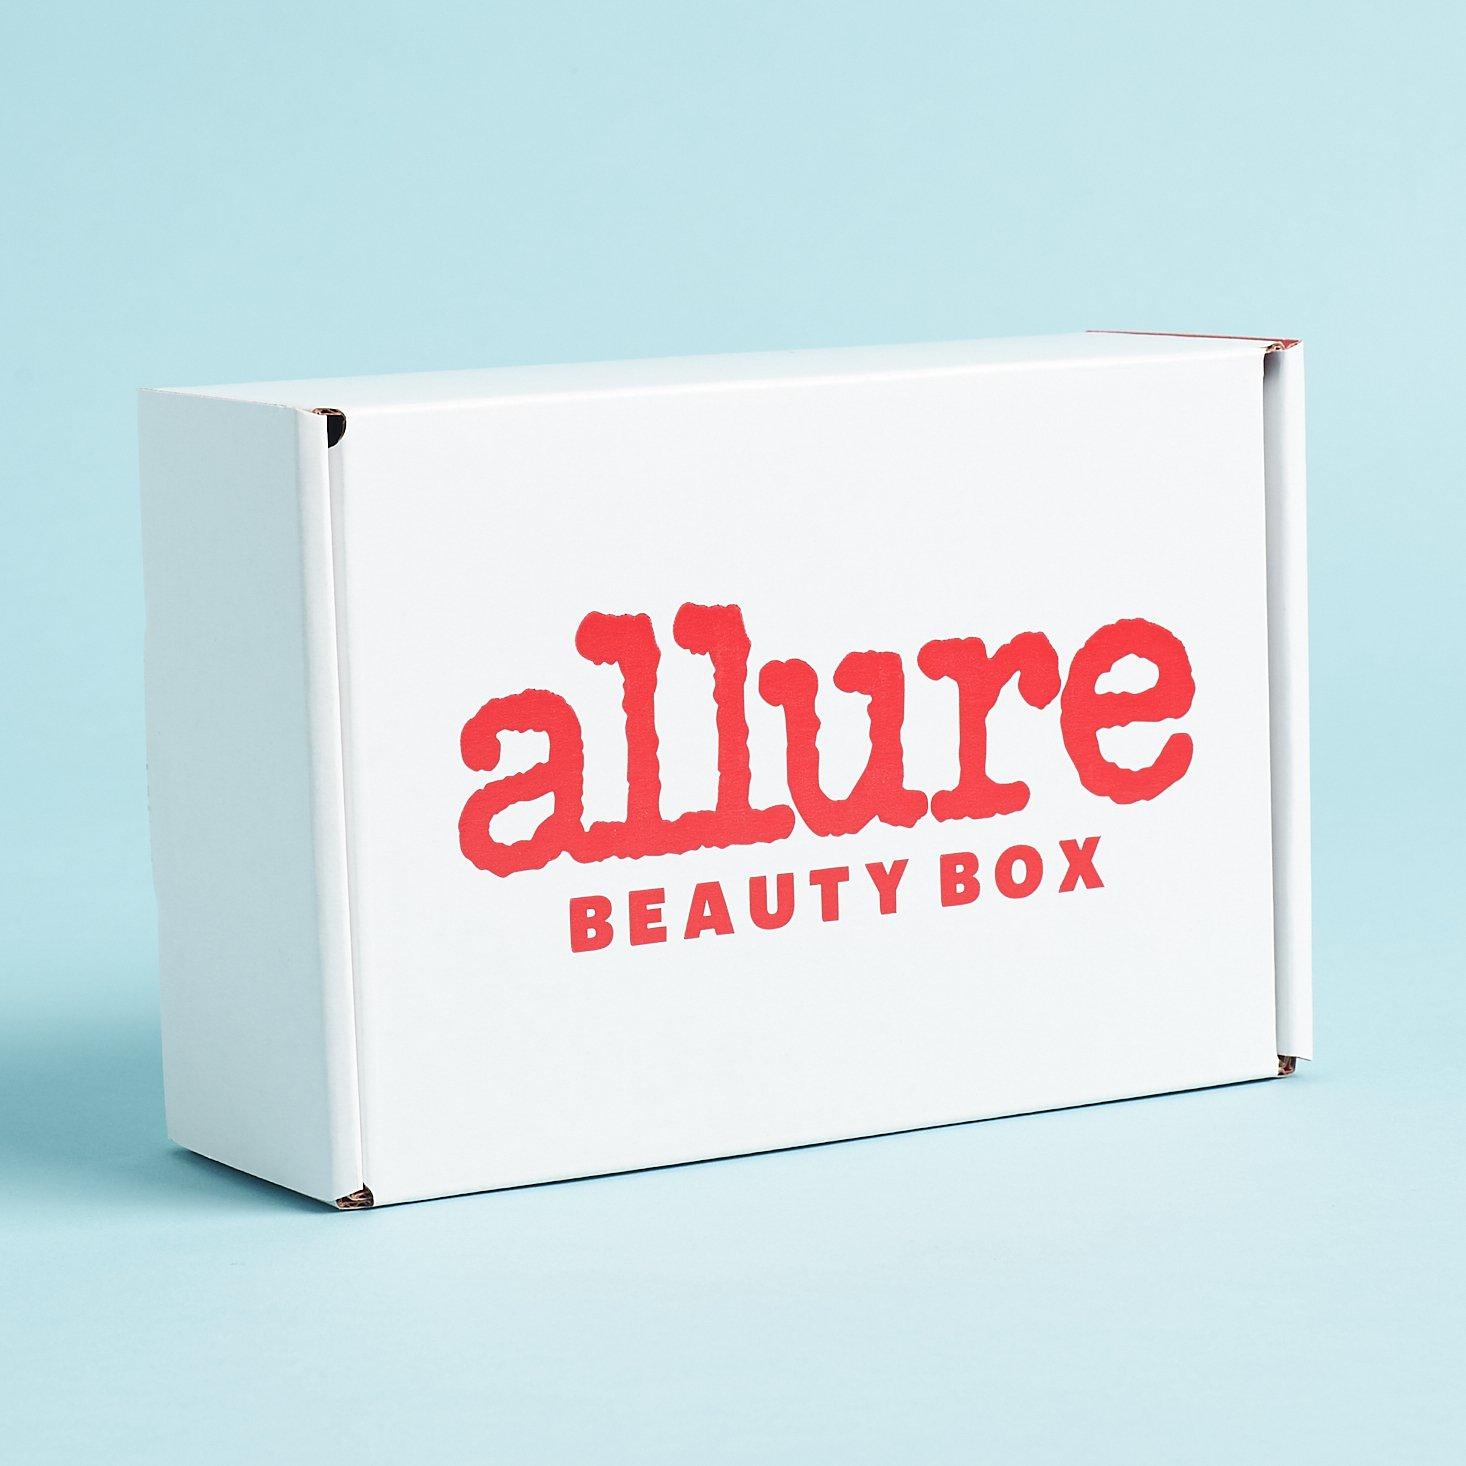 Allure Beauty Box September 2021 – Spoiler #1